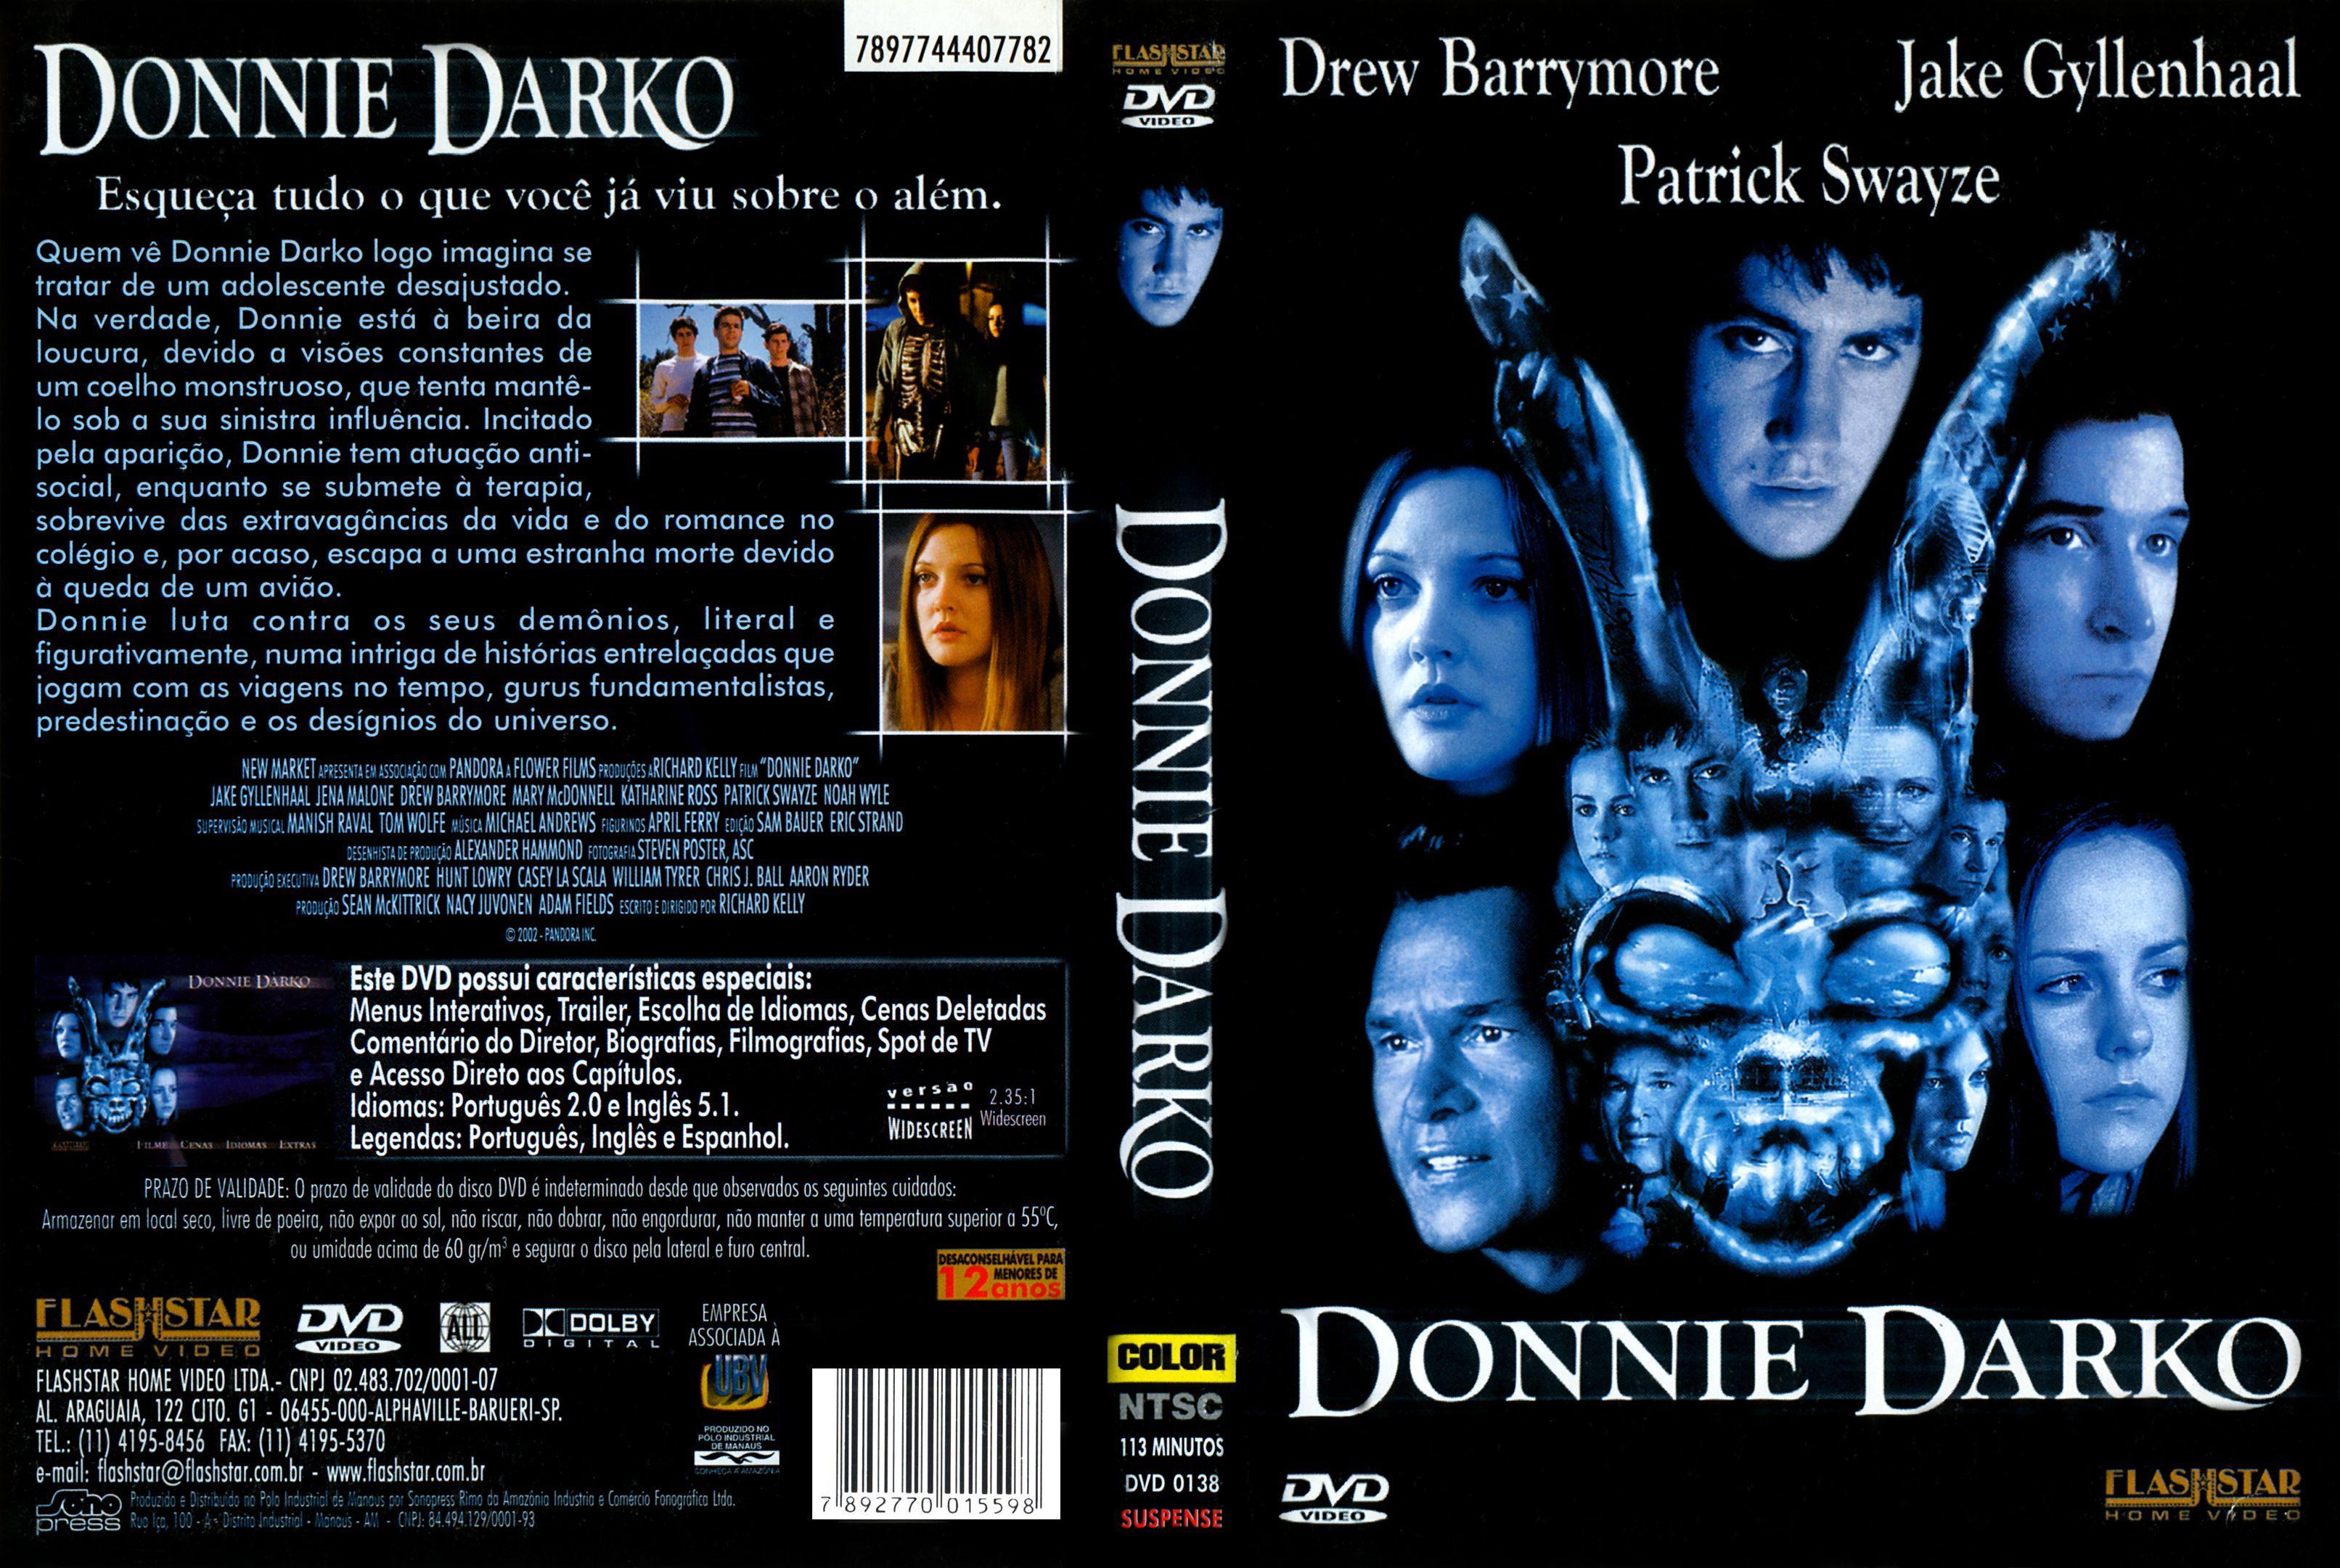 DonnieDarko